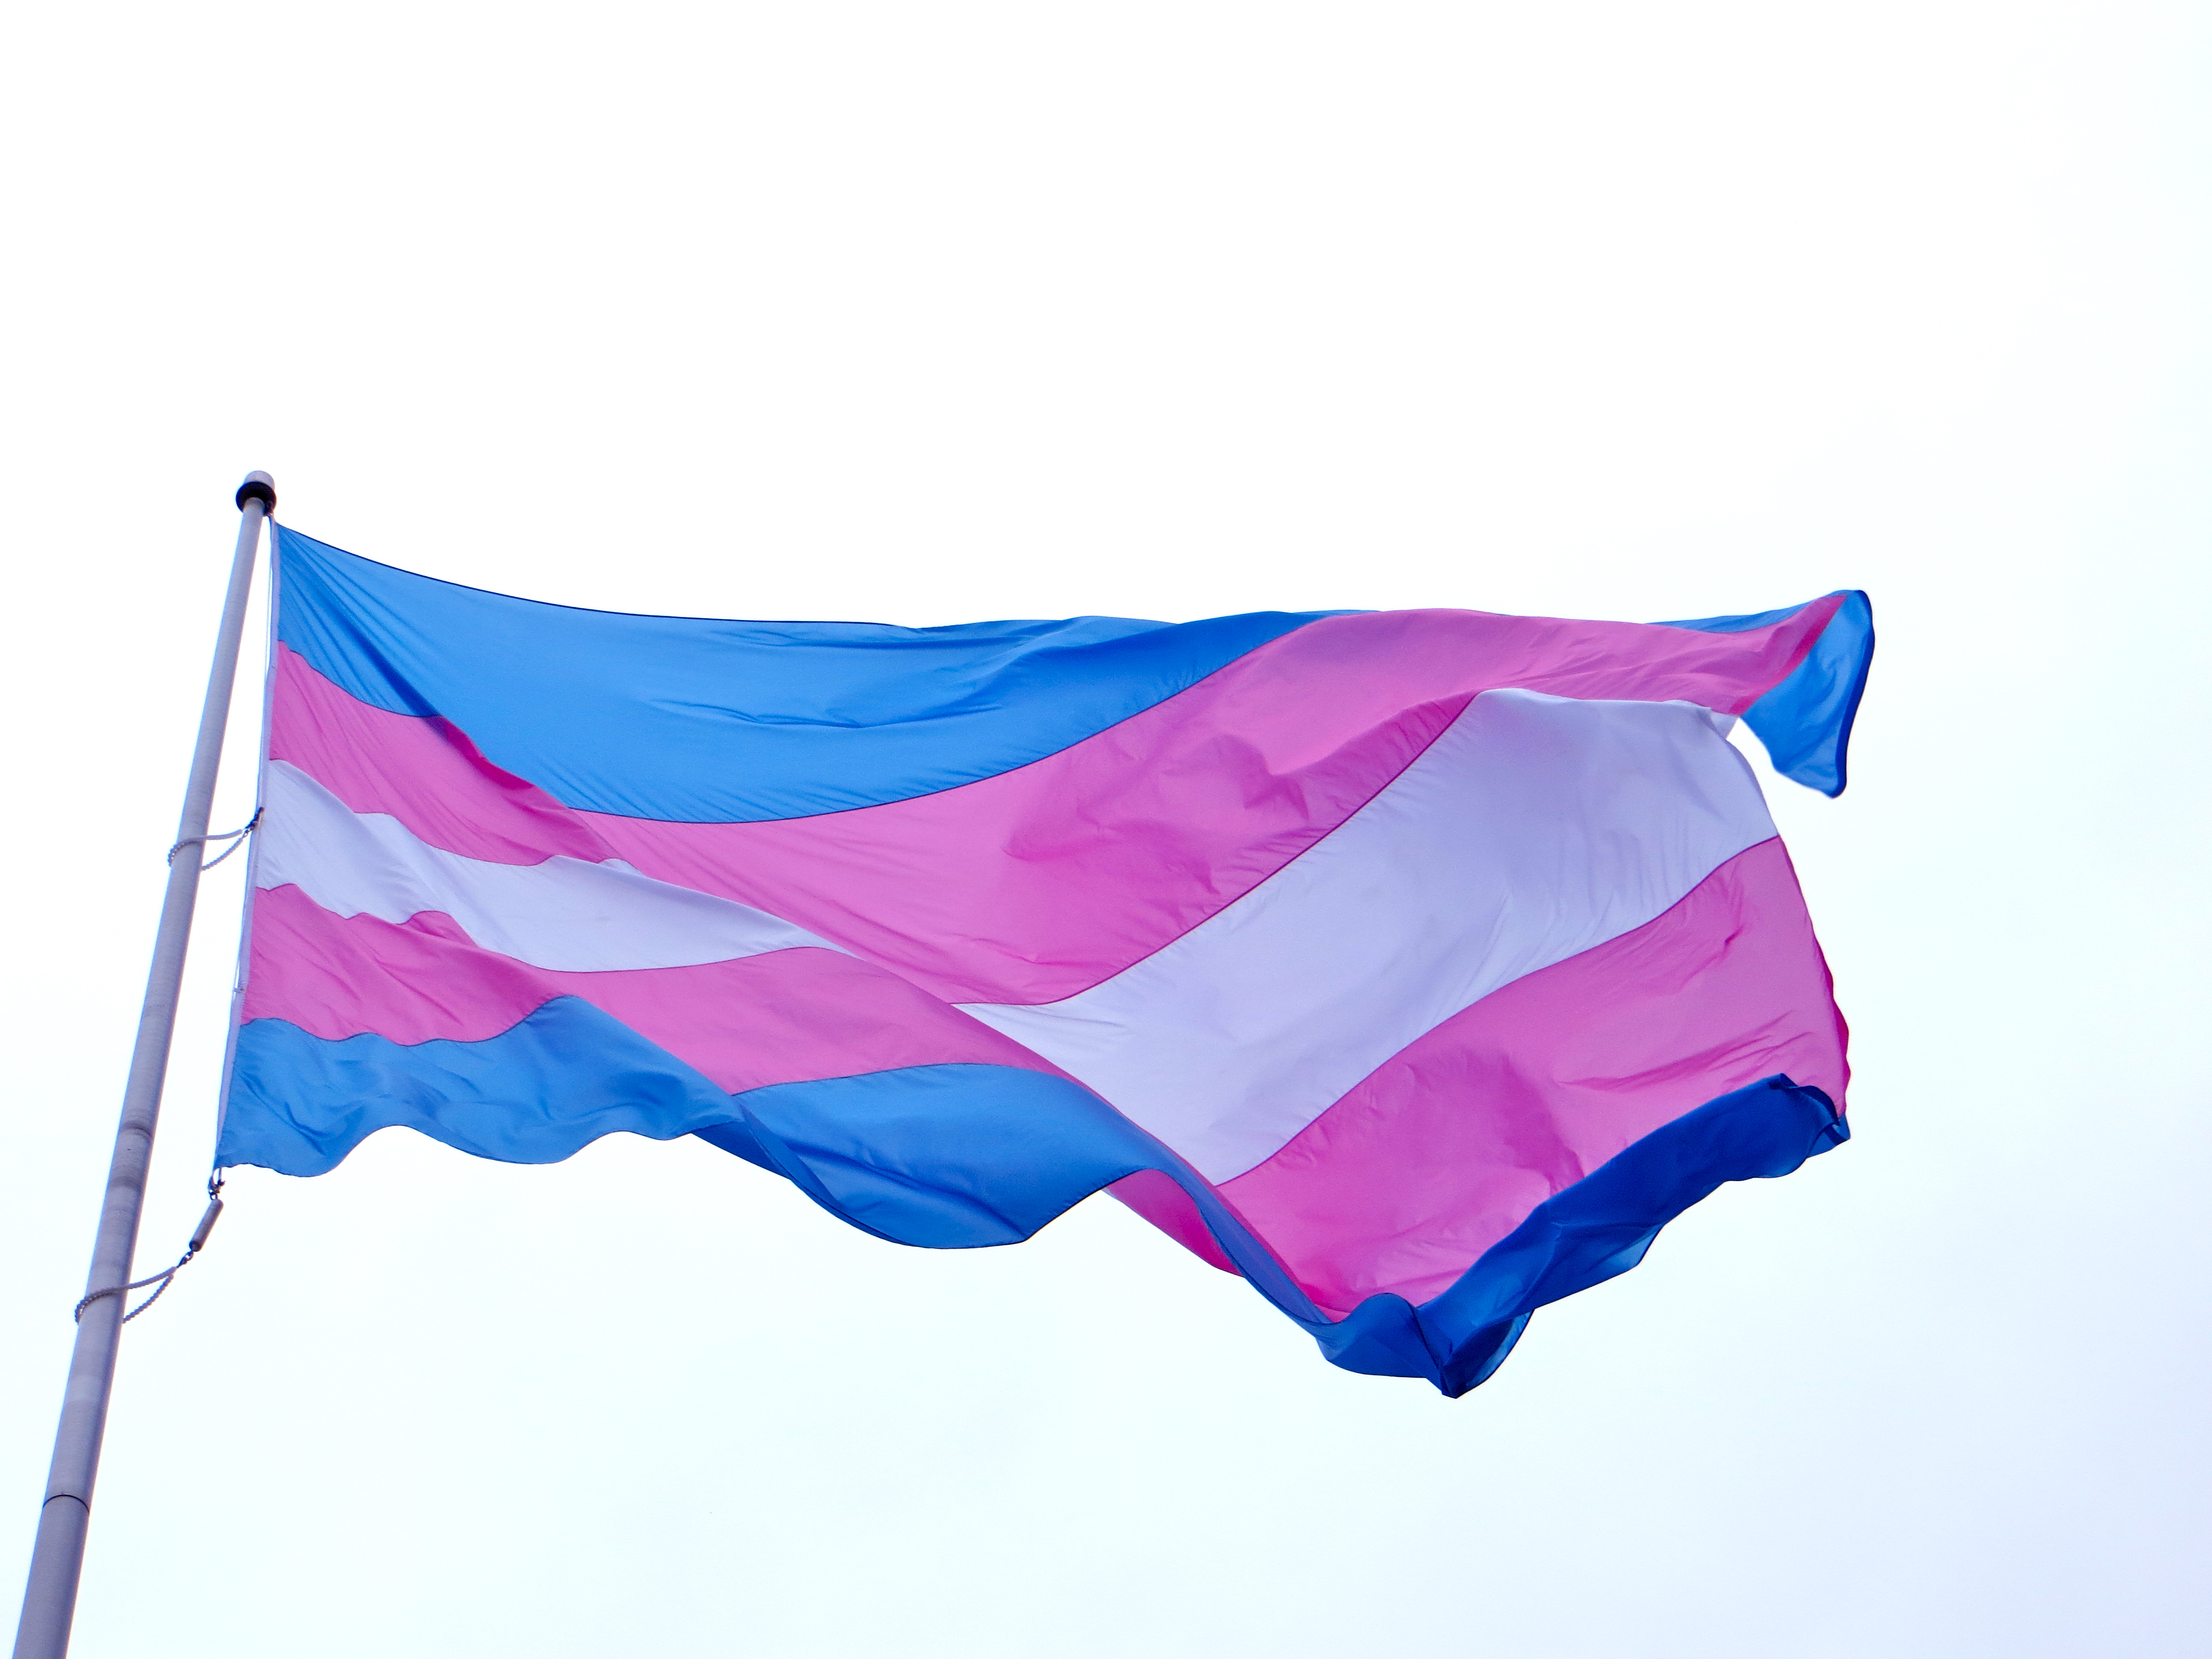 Конгресс штата Калифорния принял закон, защищающий права трансгендеров в учебных заведениях